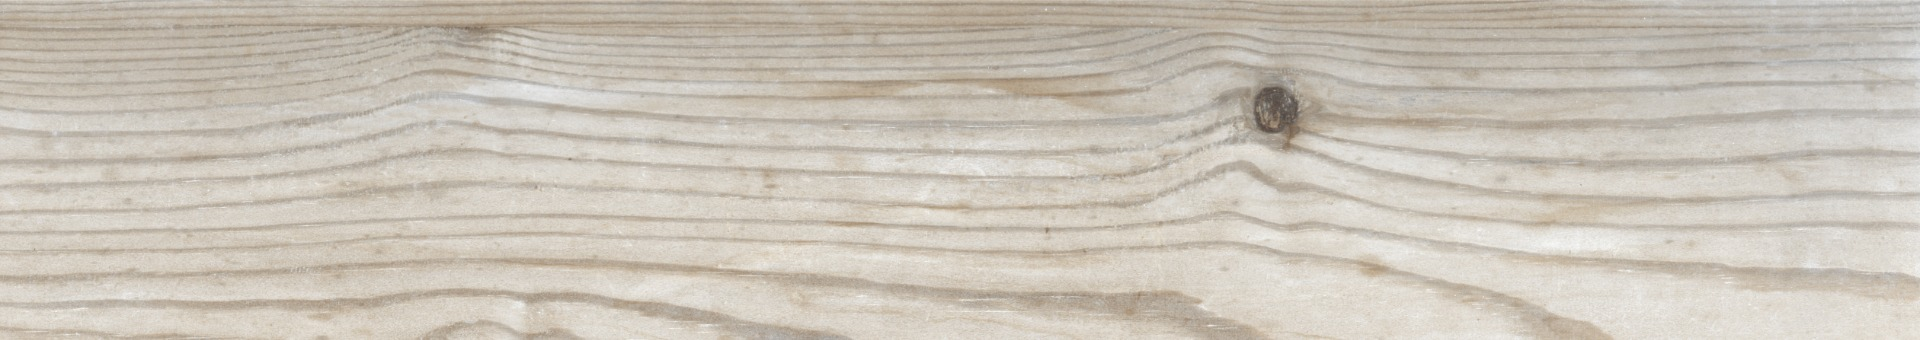 DGVT Lumber White Ash Wood